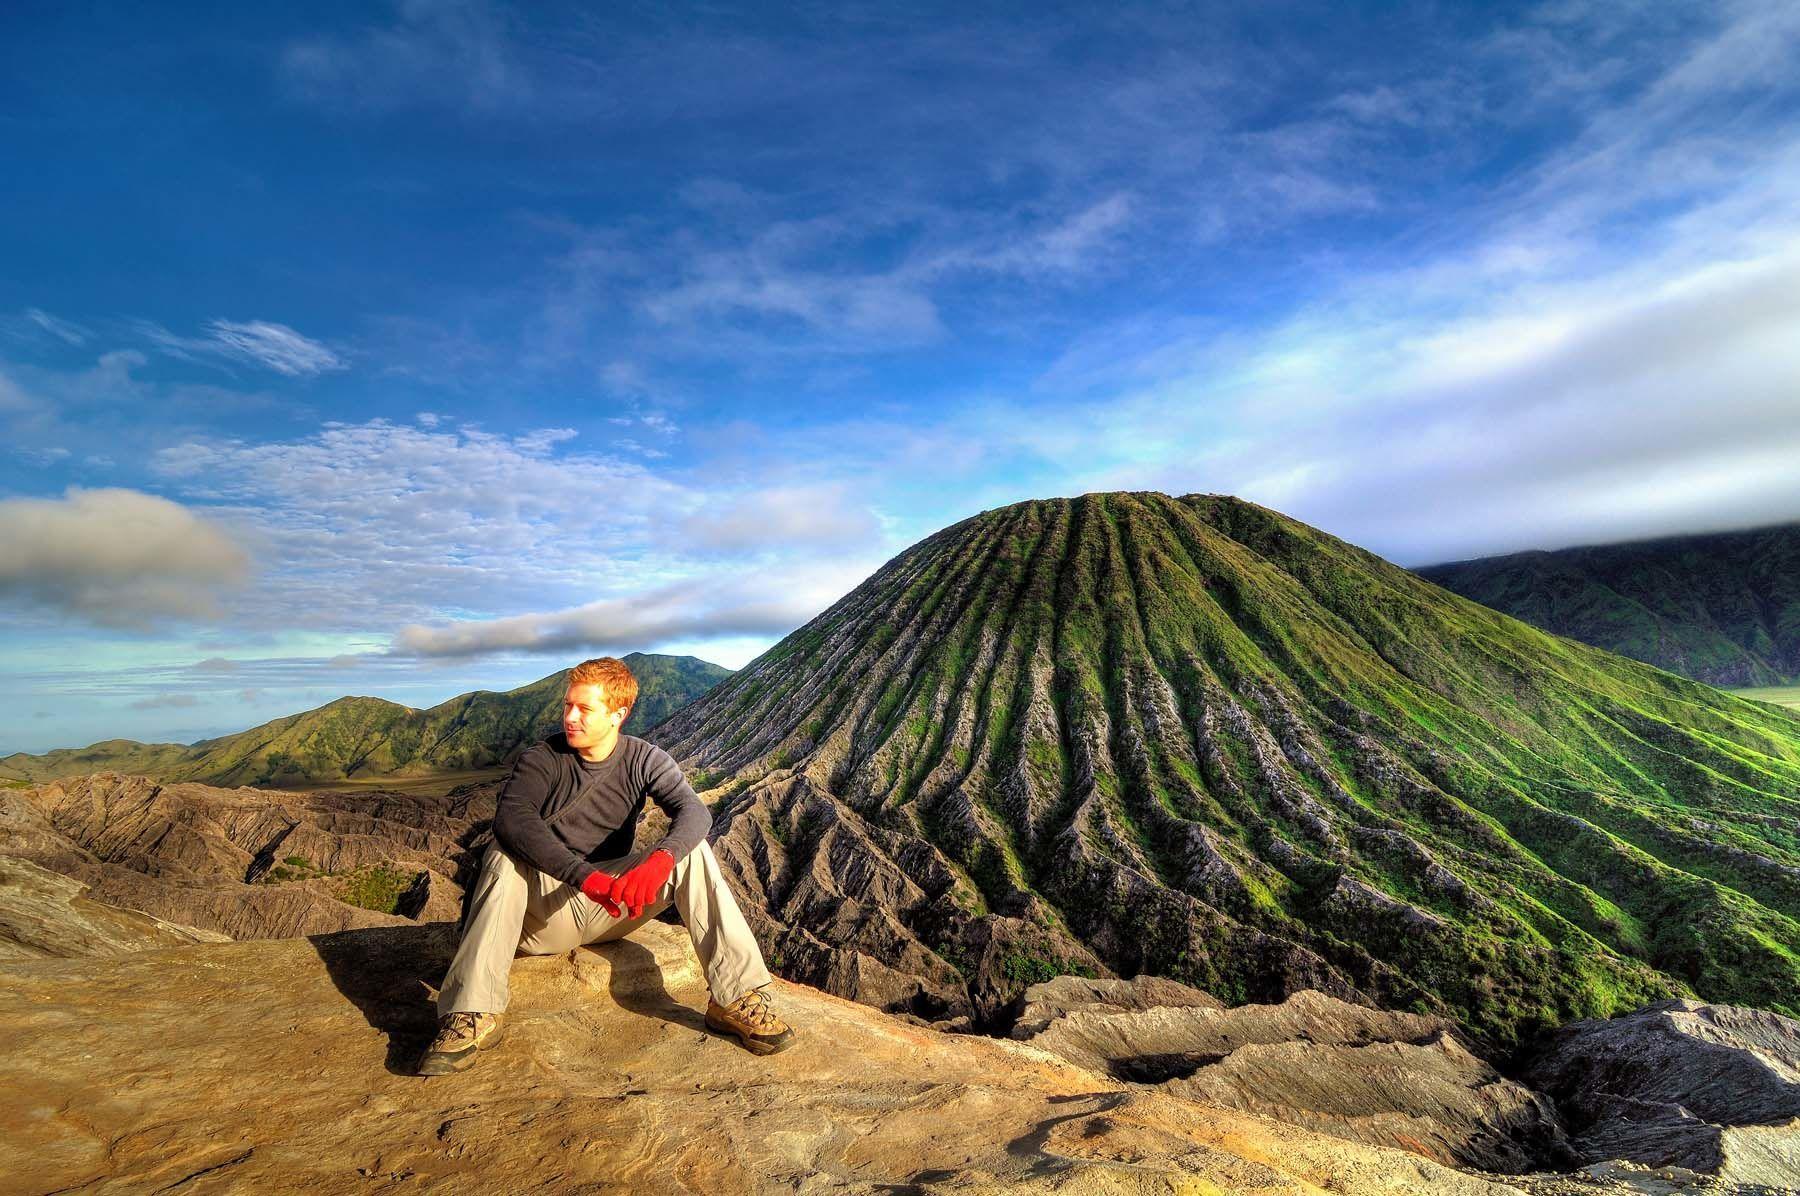 Індонезія, острів Ява